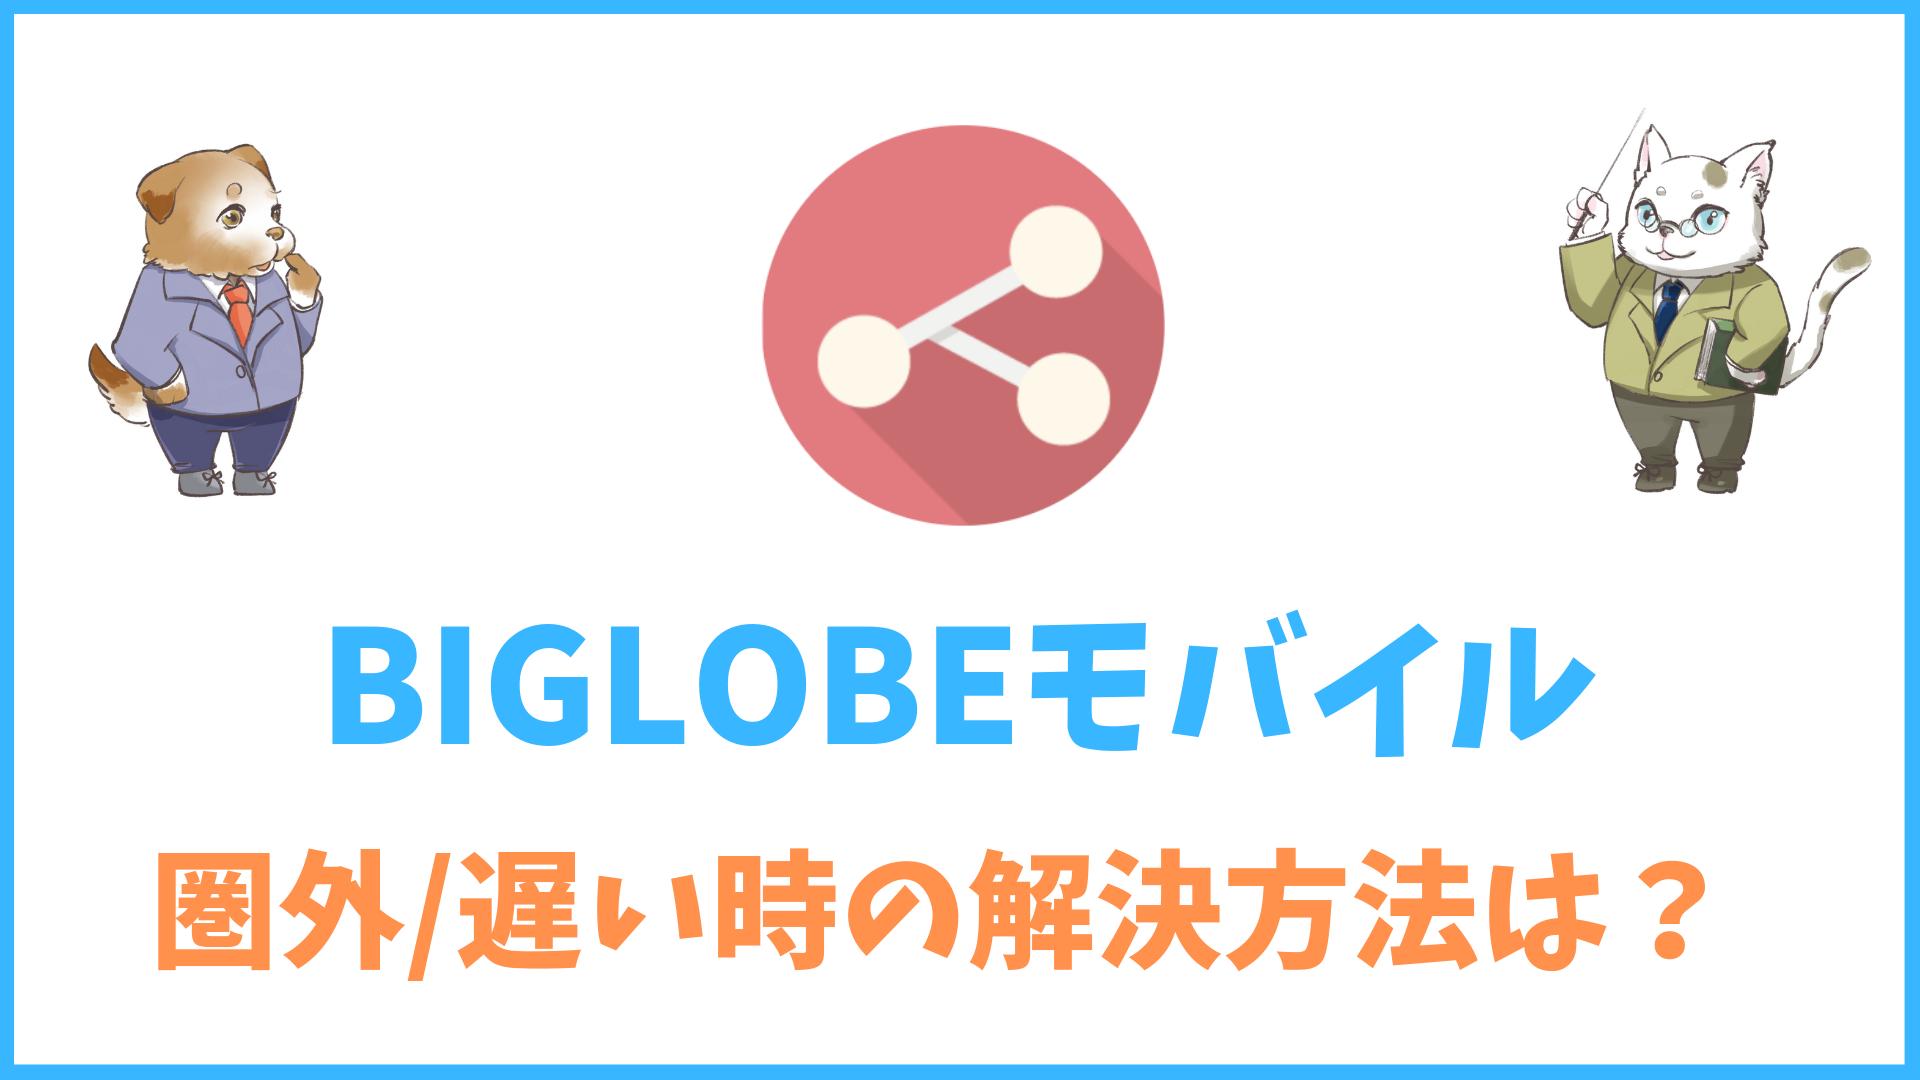 BIGLOBEモバイルが圏外/遅い時の対処法は?5秒で解決する方法を解説!